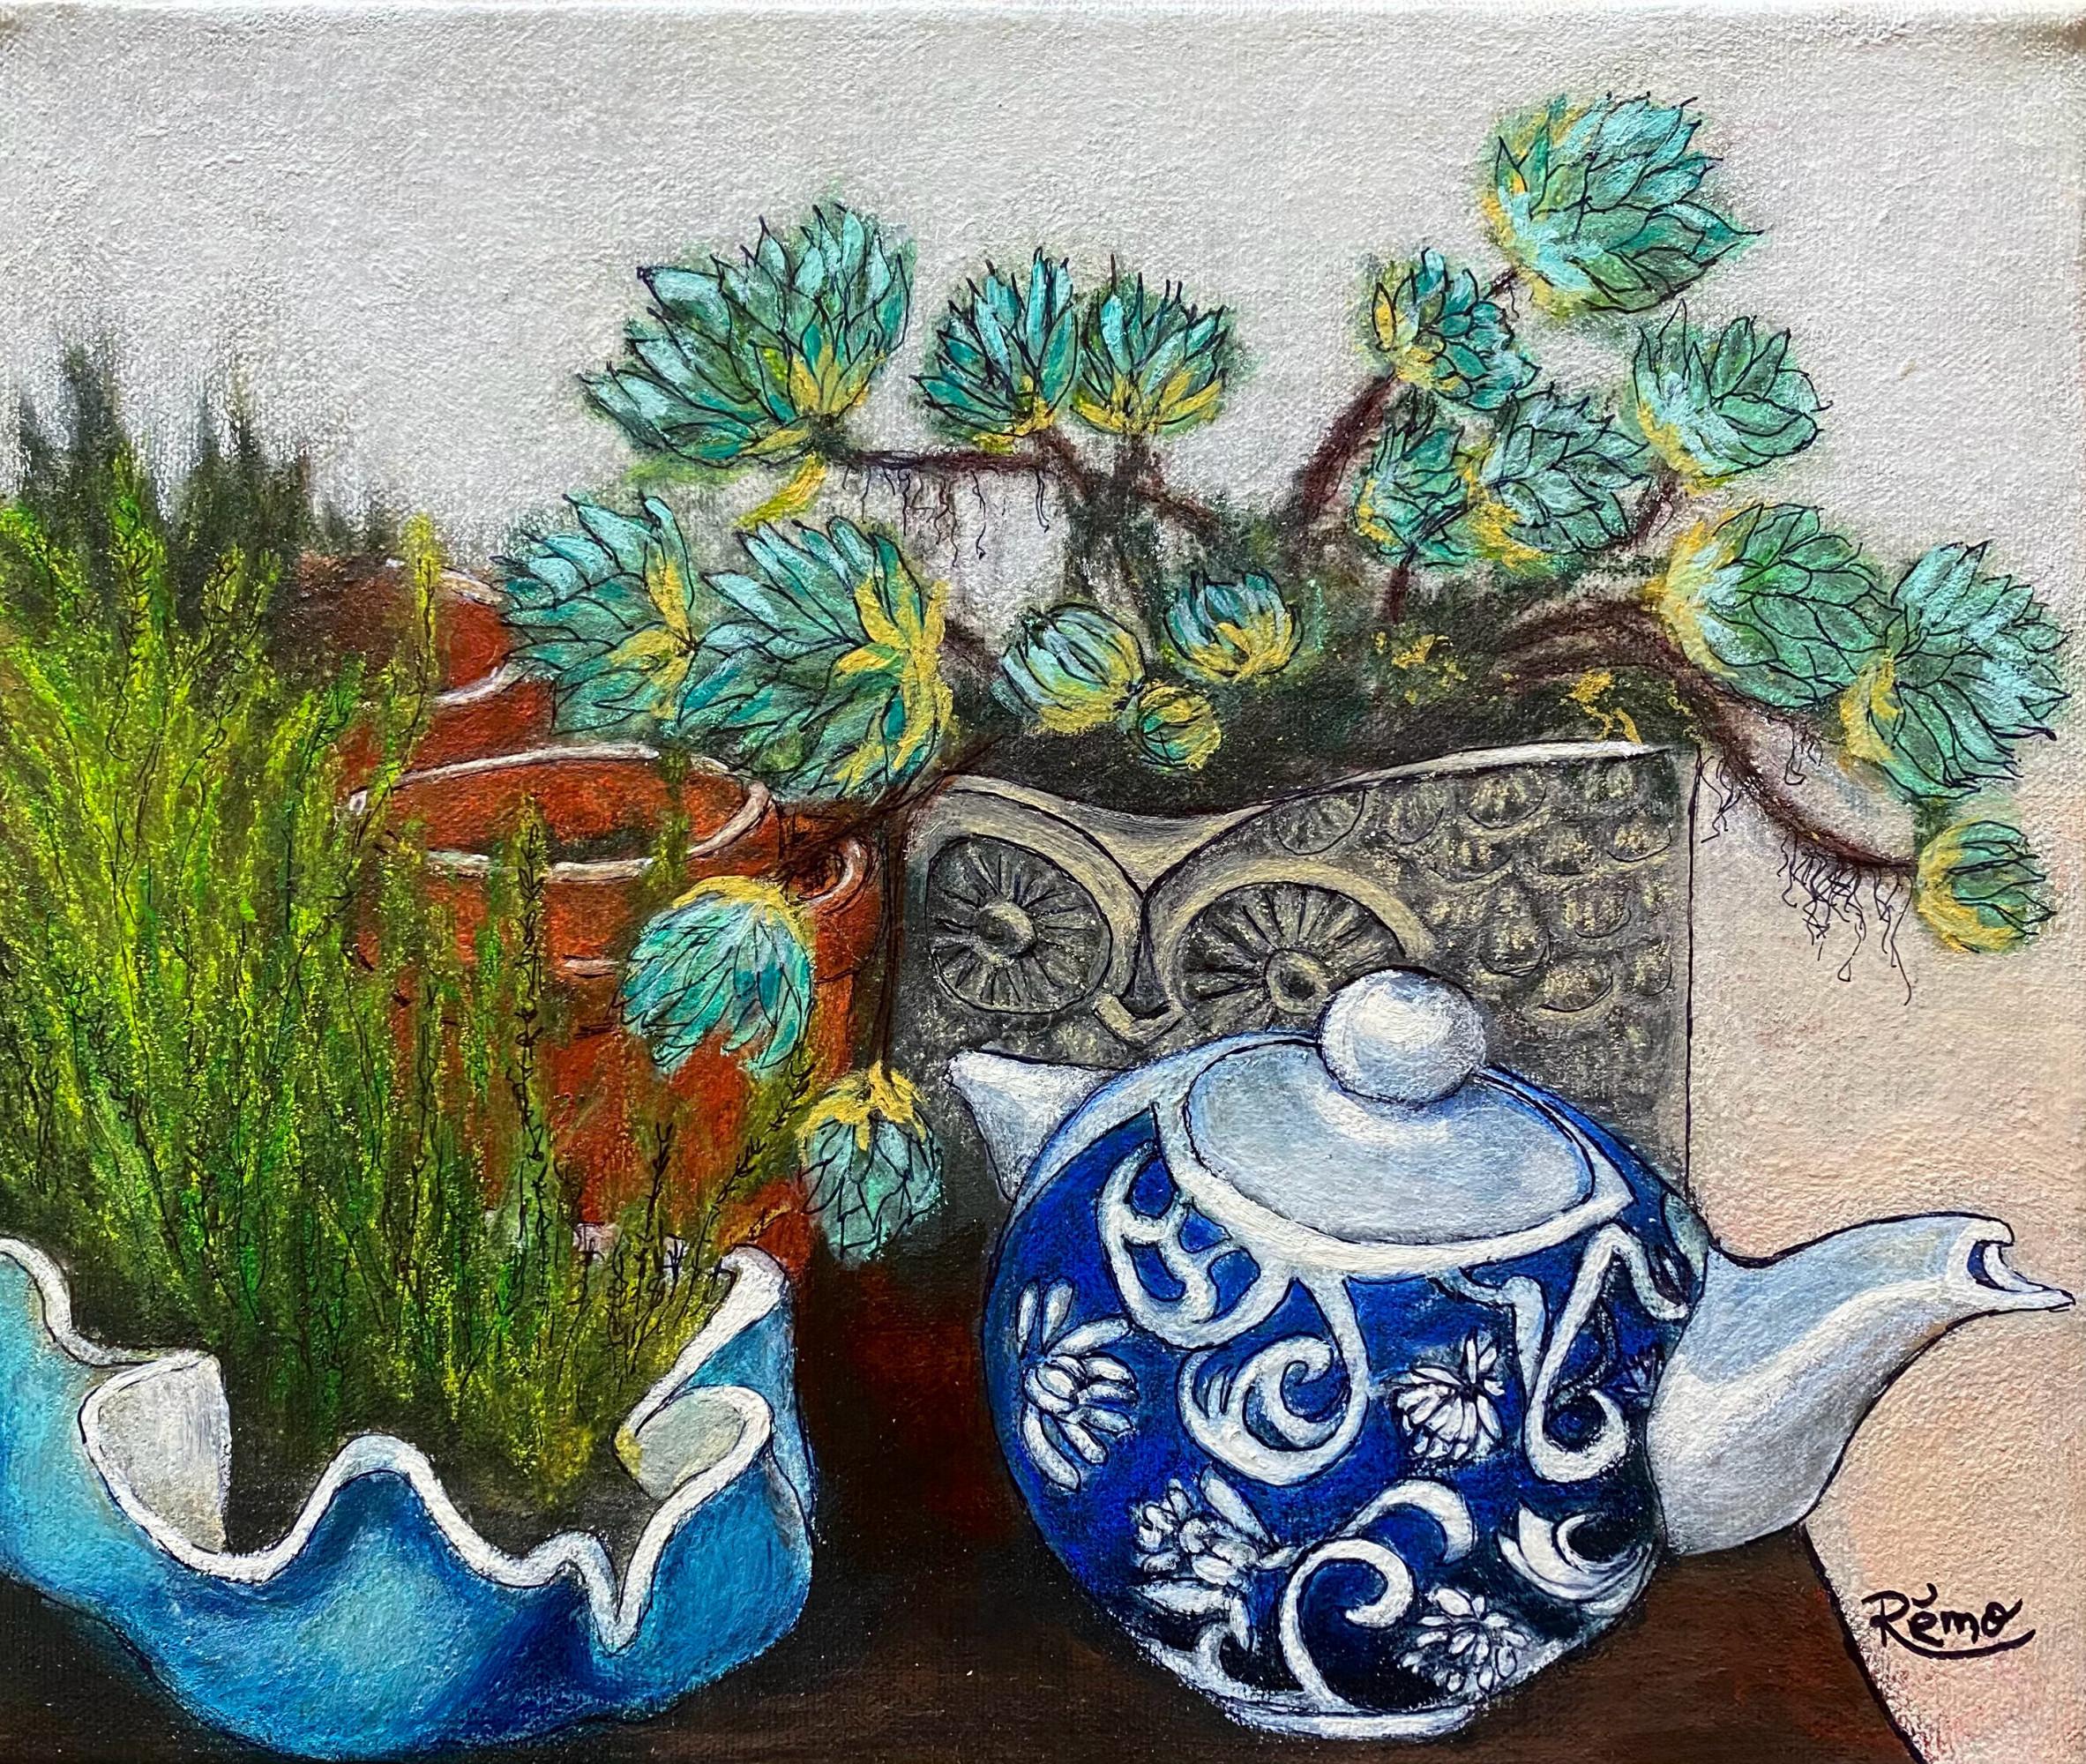 Petit coin de jardin (12x10) Encre, acrylique et pastel aquarellé, Non disponible